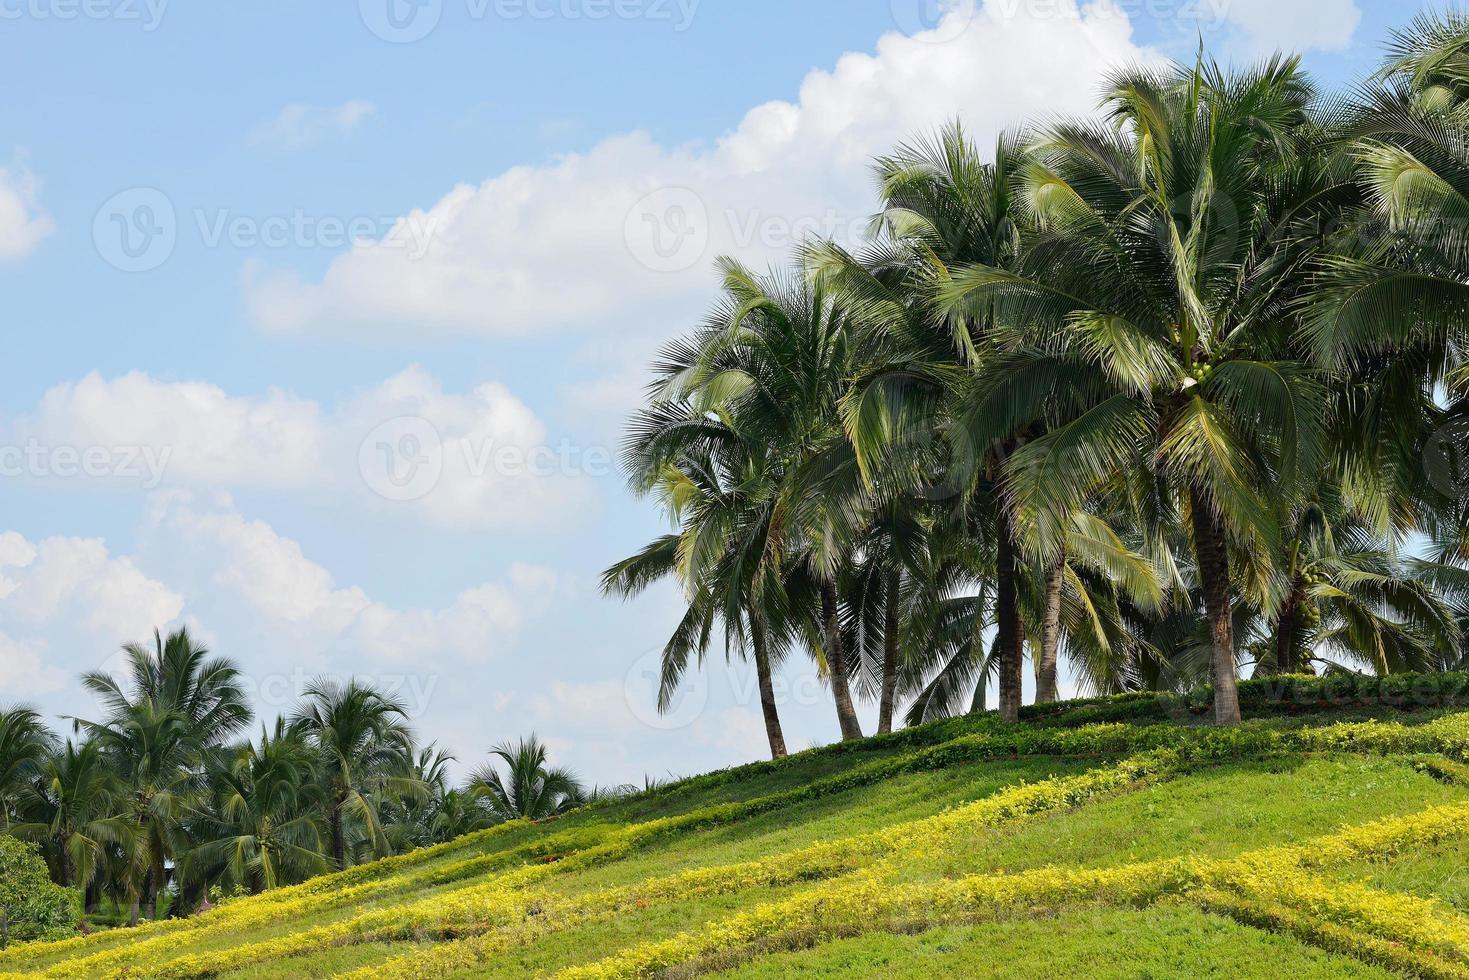 cocotiers sous ciel bleu photo